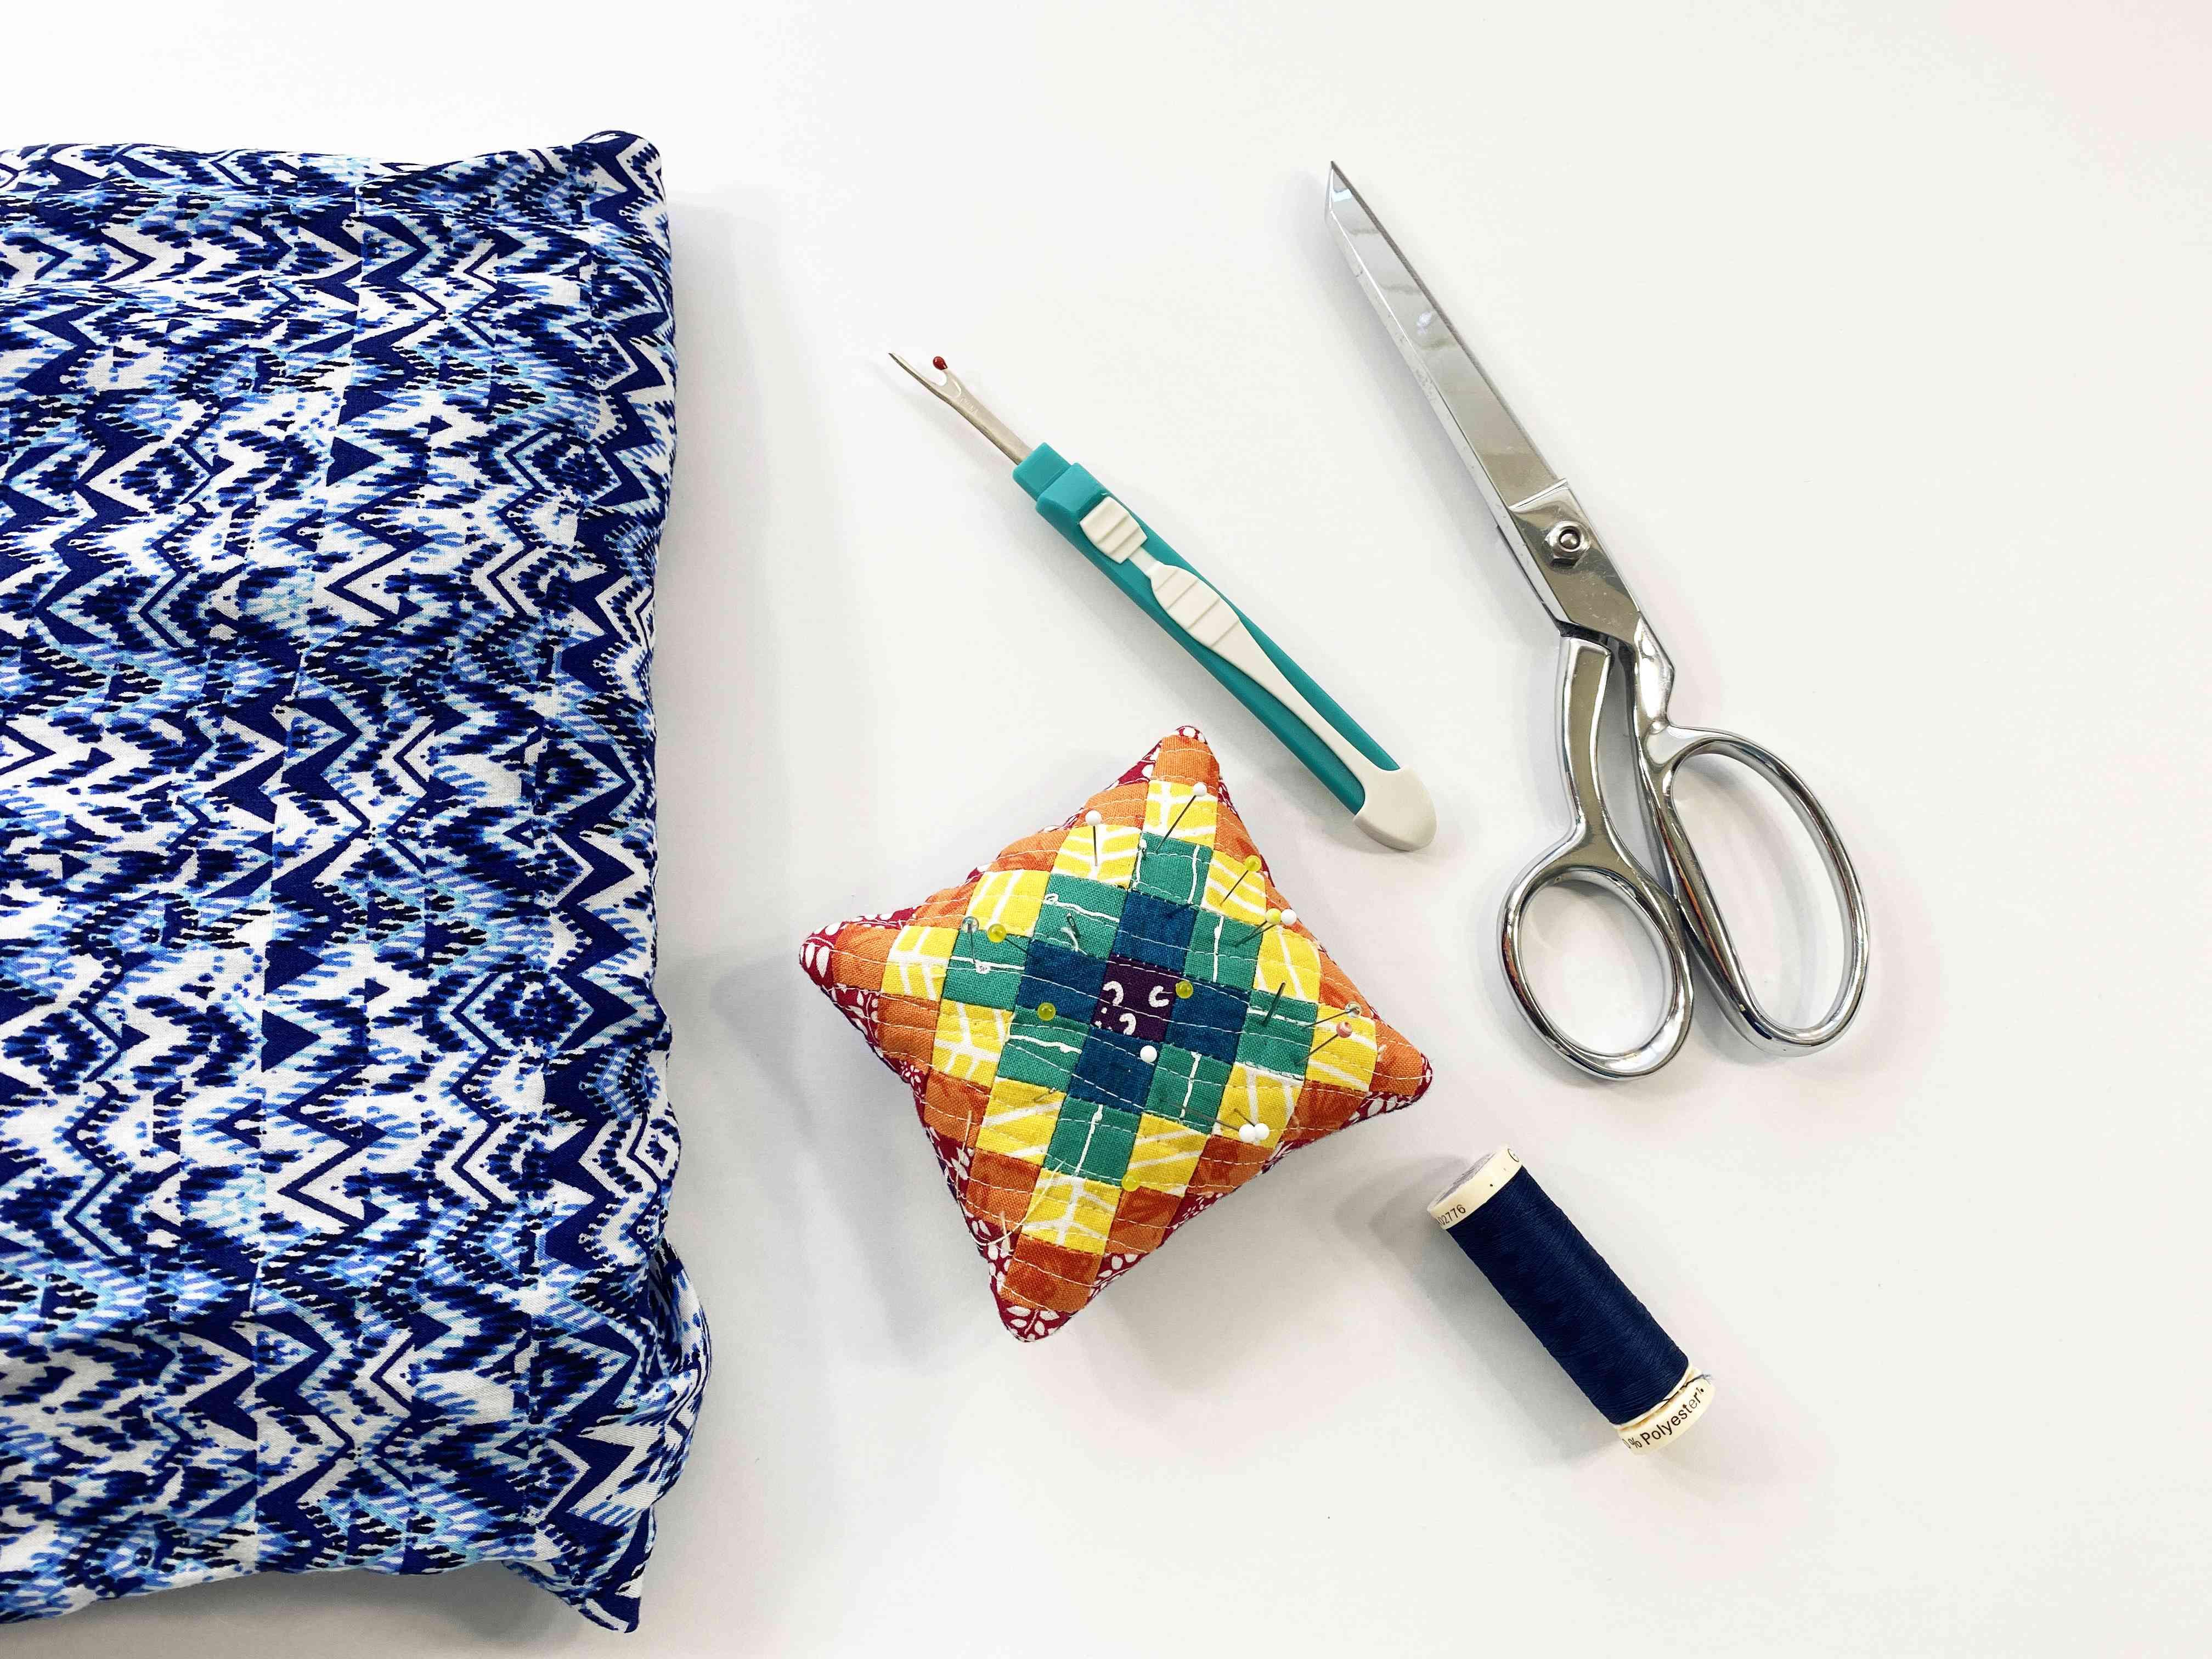 A blouse, pins, seam ripper, scissors, and thread